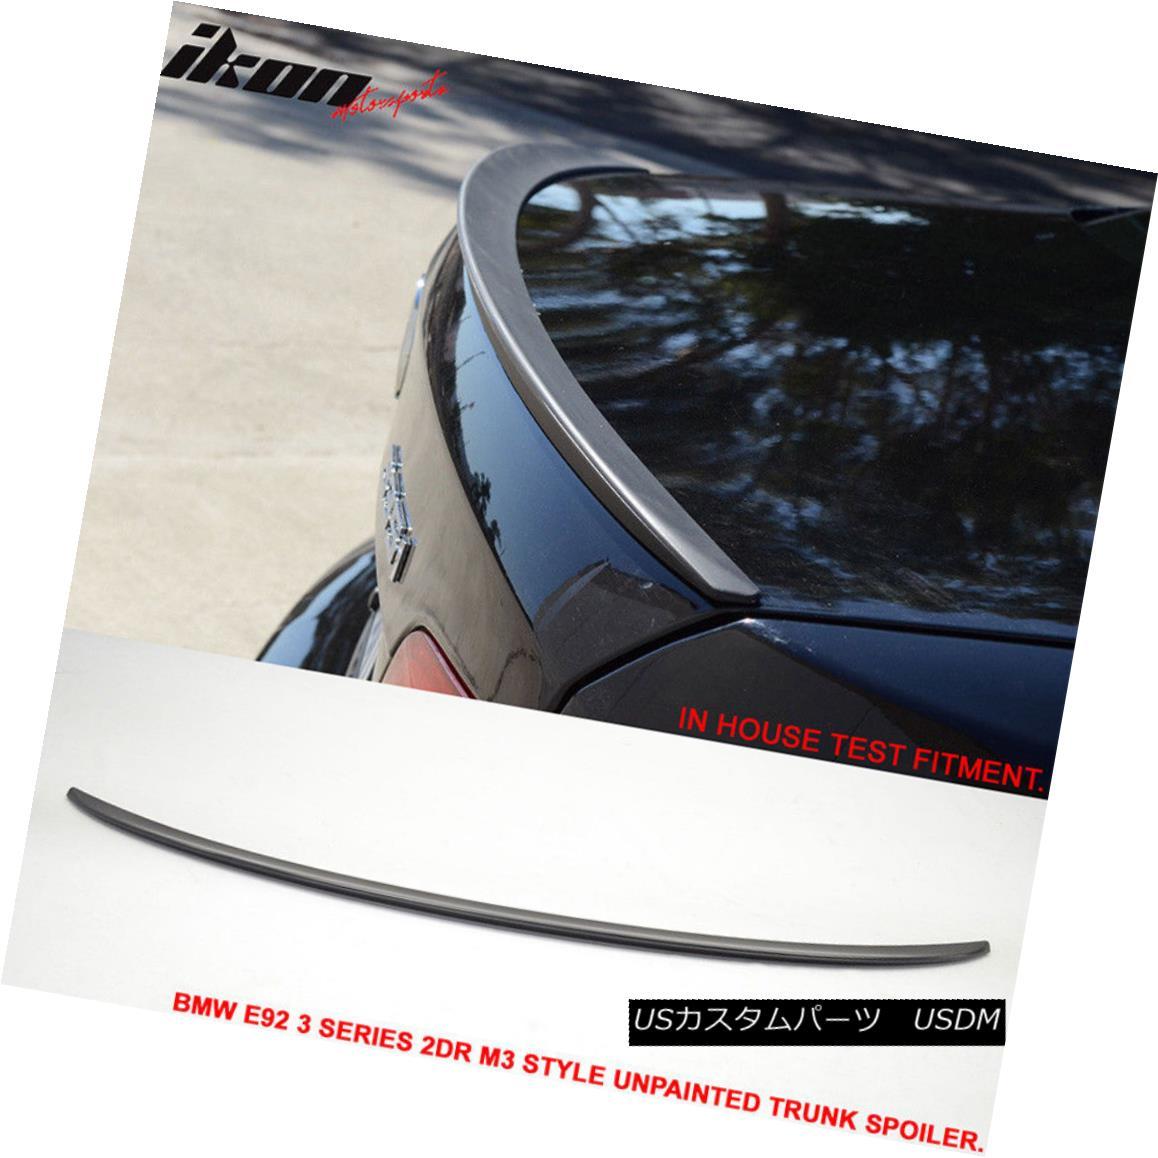 エアロパーツ 07-13 BMW E92 3 Series 2Dr M3 Type Unpainted Trunk Spoiler - ABS 07-13 BMW E92 3シリーズ2Dr M3タイプ無塗装トランク・スポイラー - ABS